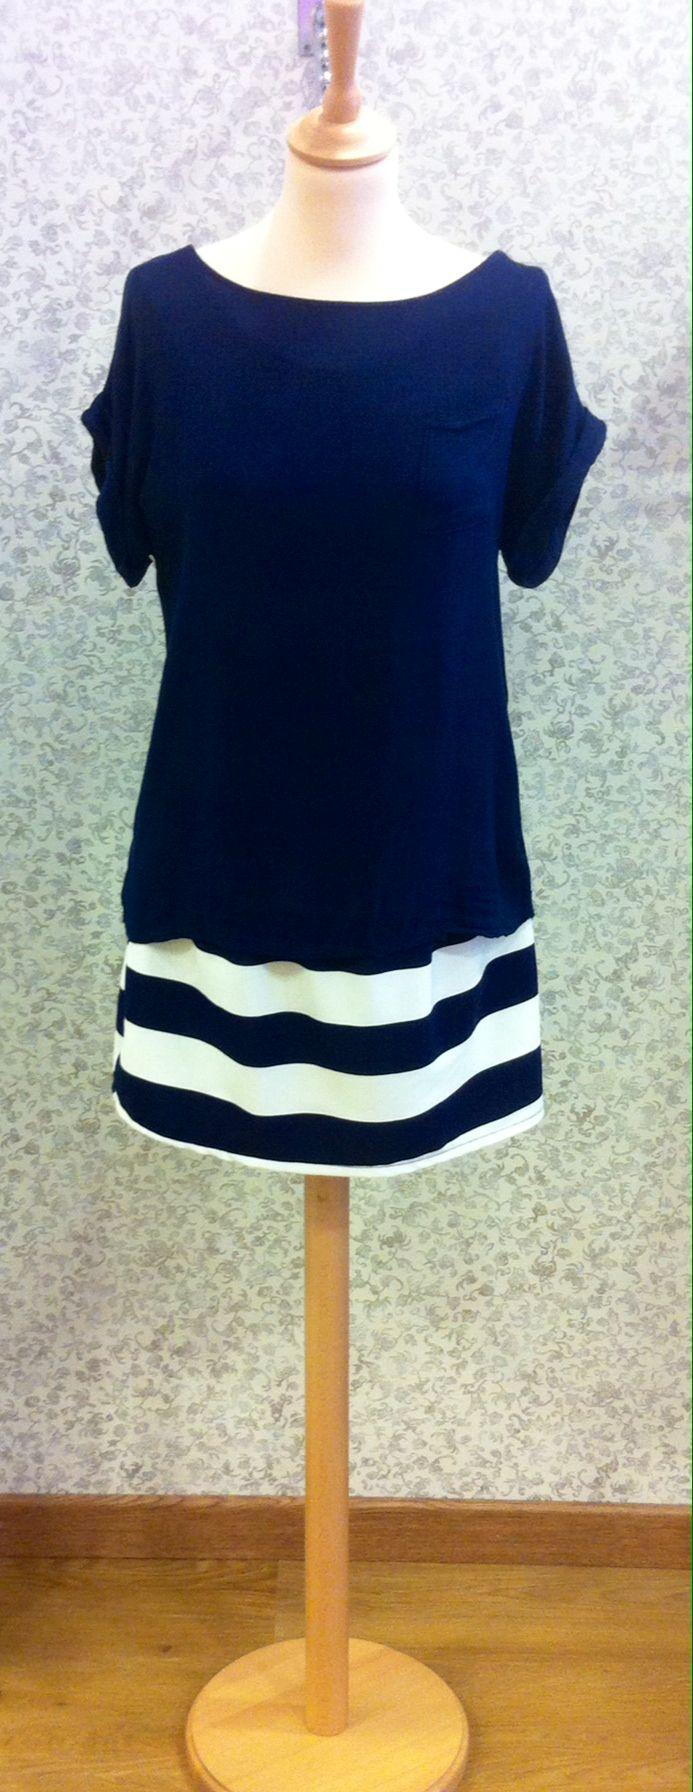 Vestido marinero azul marino y blanco, camisa sobre puesta azul marino